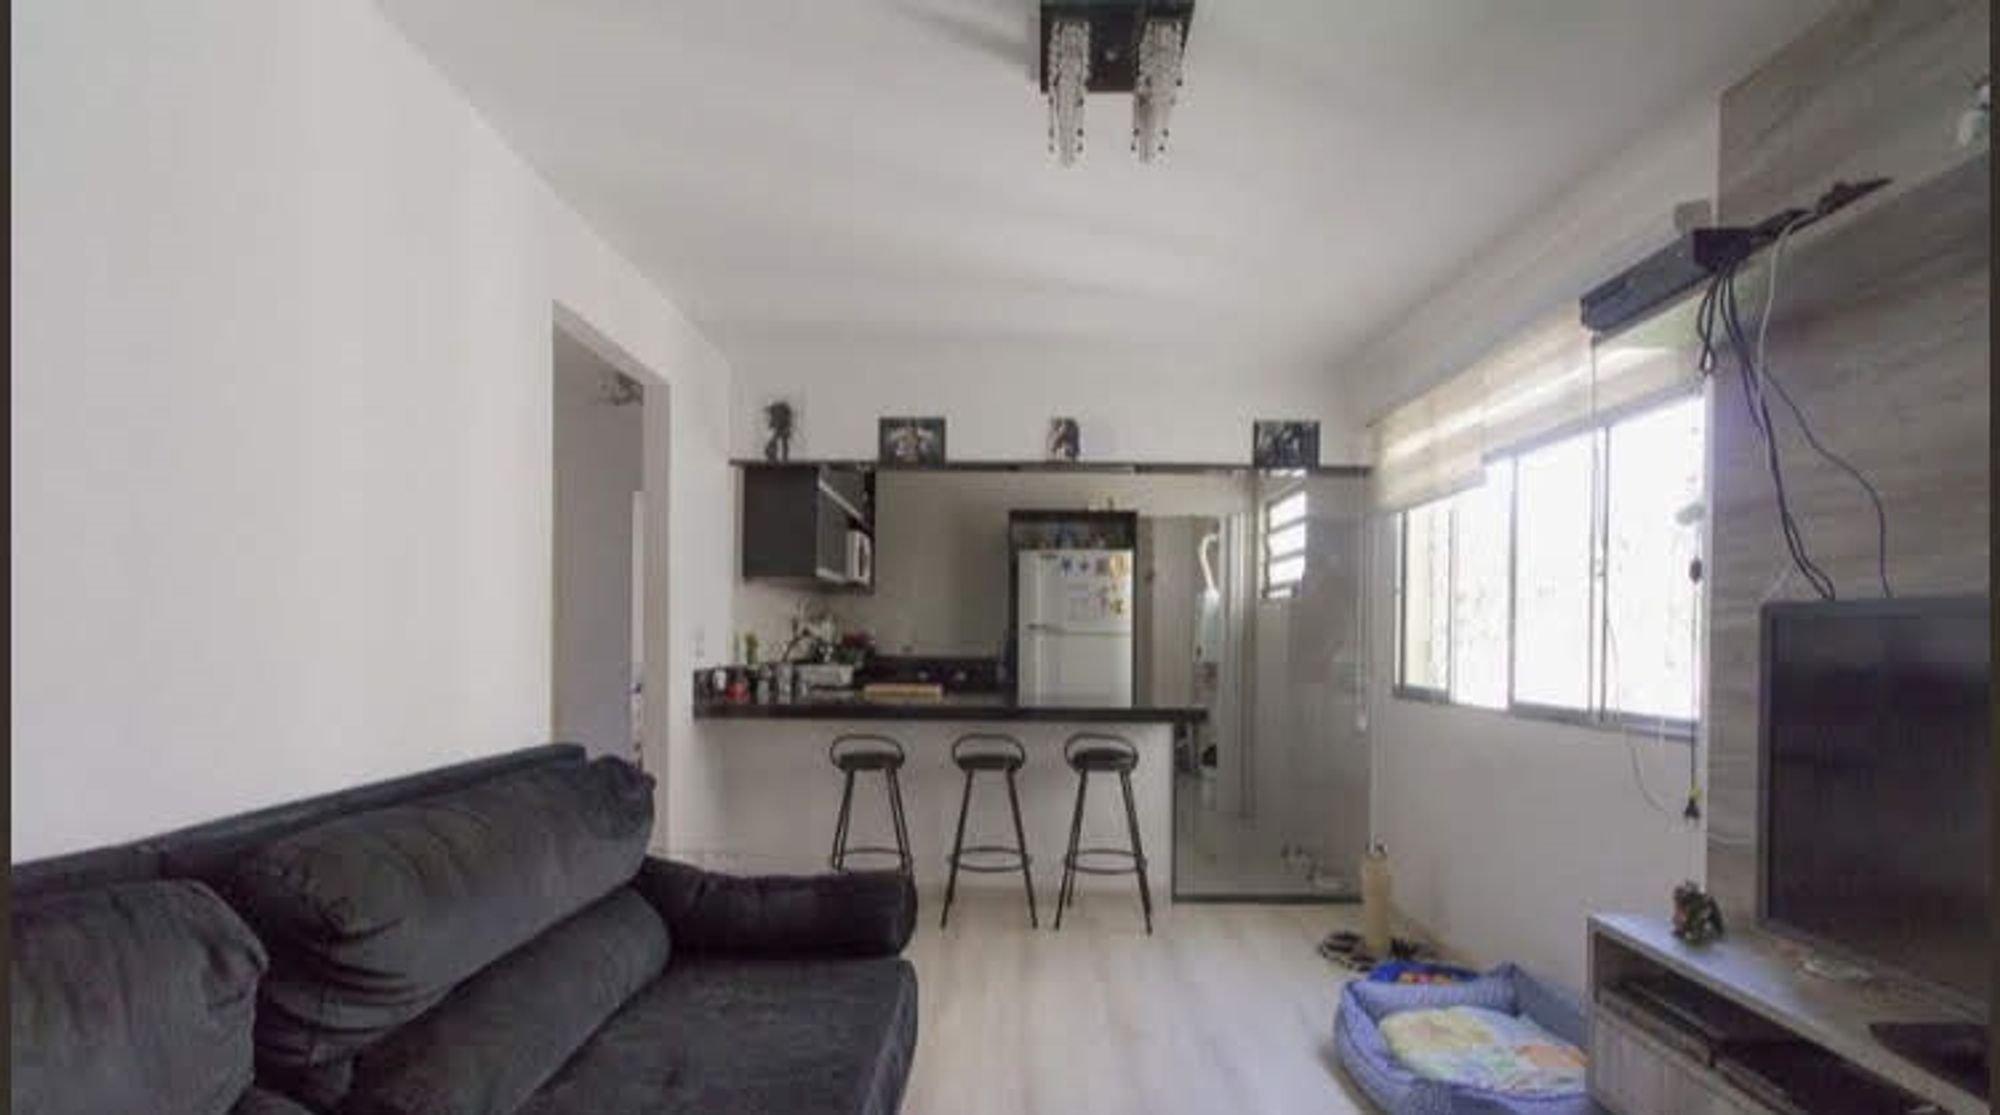 Foto de Sala com sofá, televisão, geladeira, cadeira